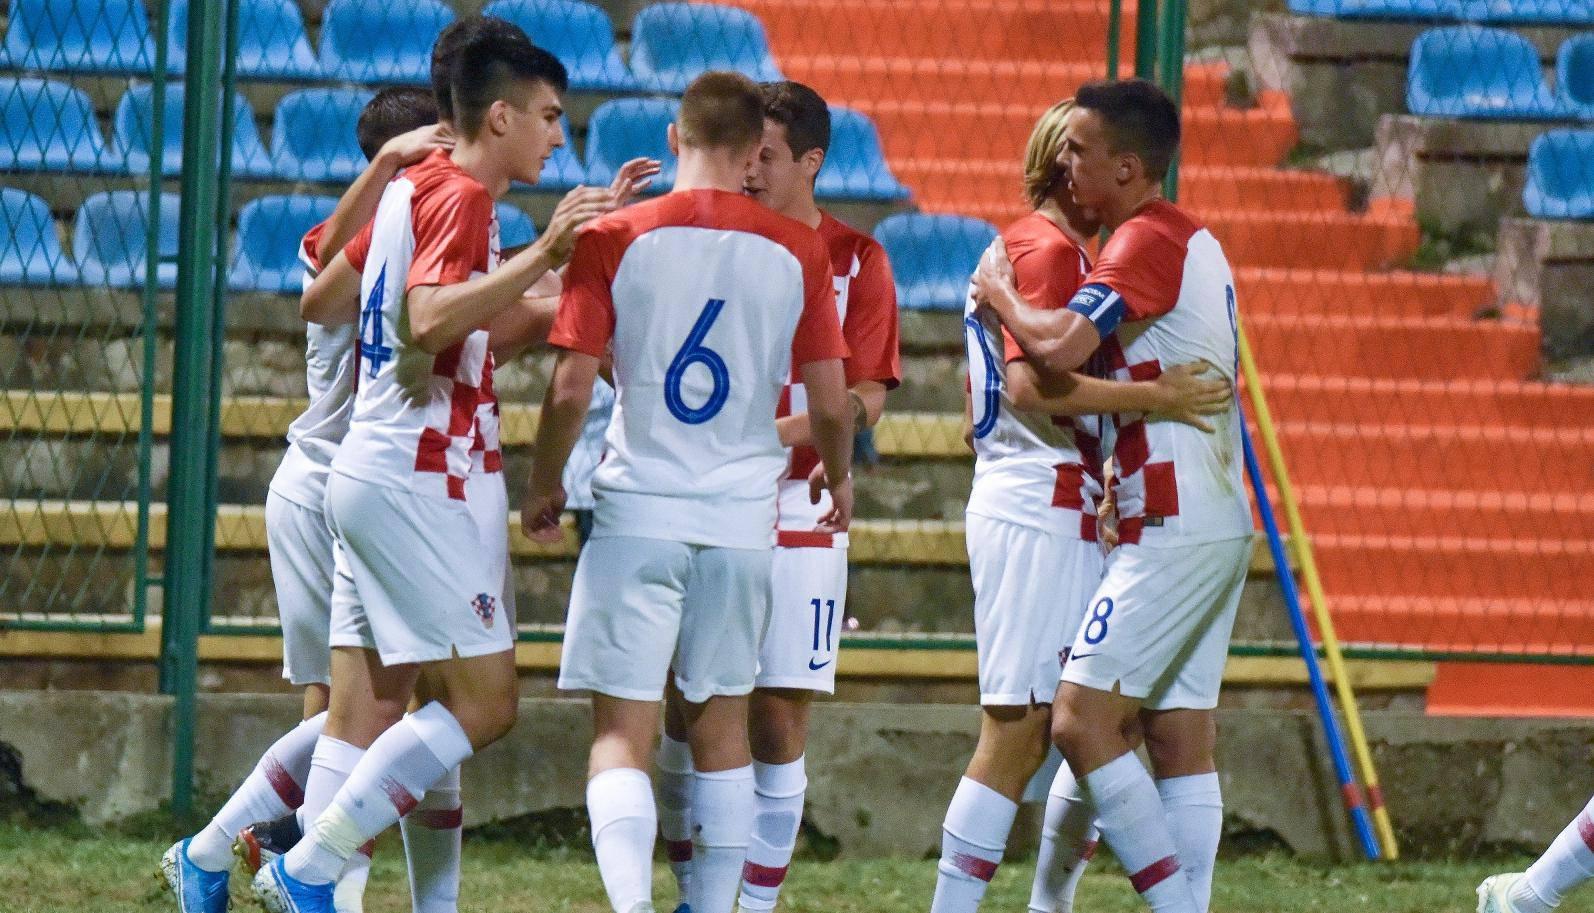 Åibenik: Kvalifikacijska utakmica za Euro U-21, Hrvatska - Åkotska